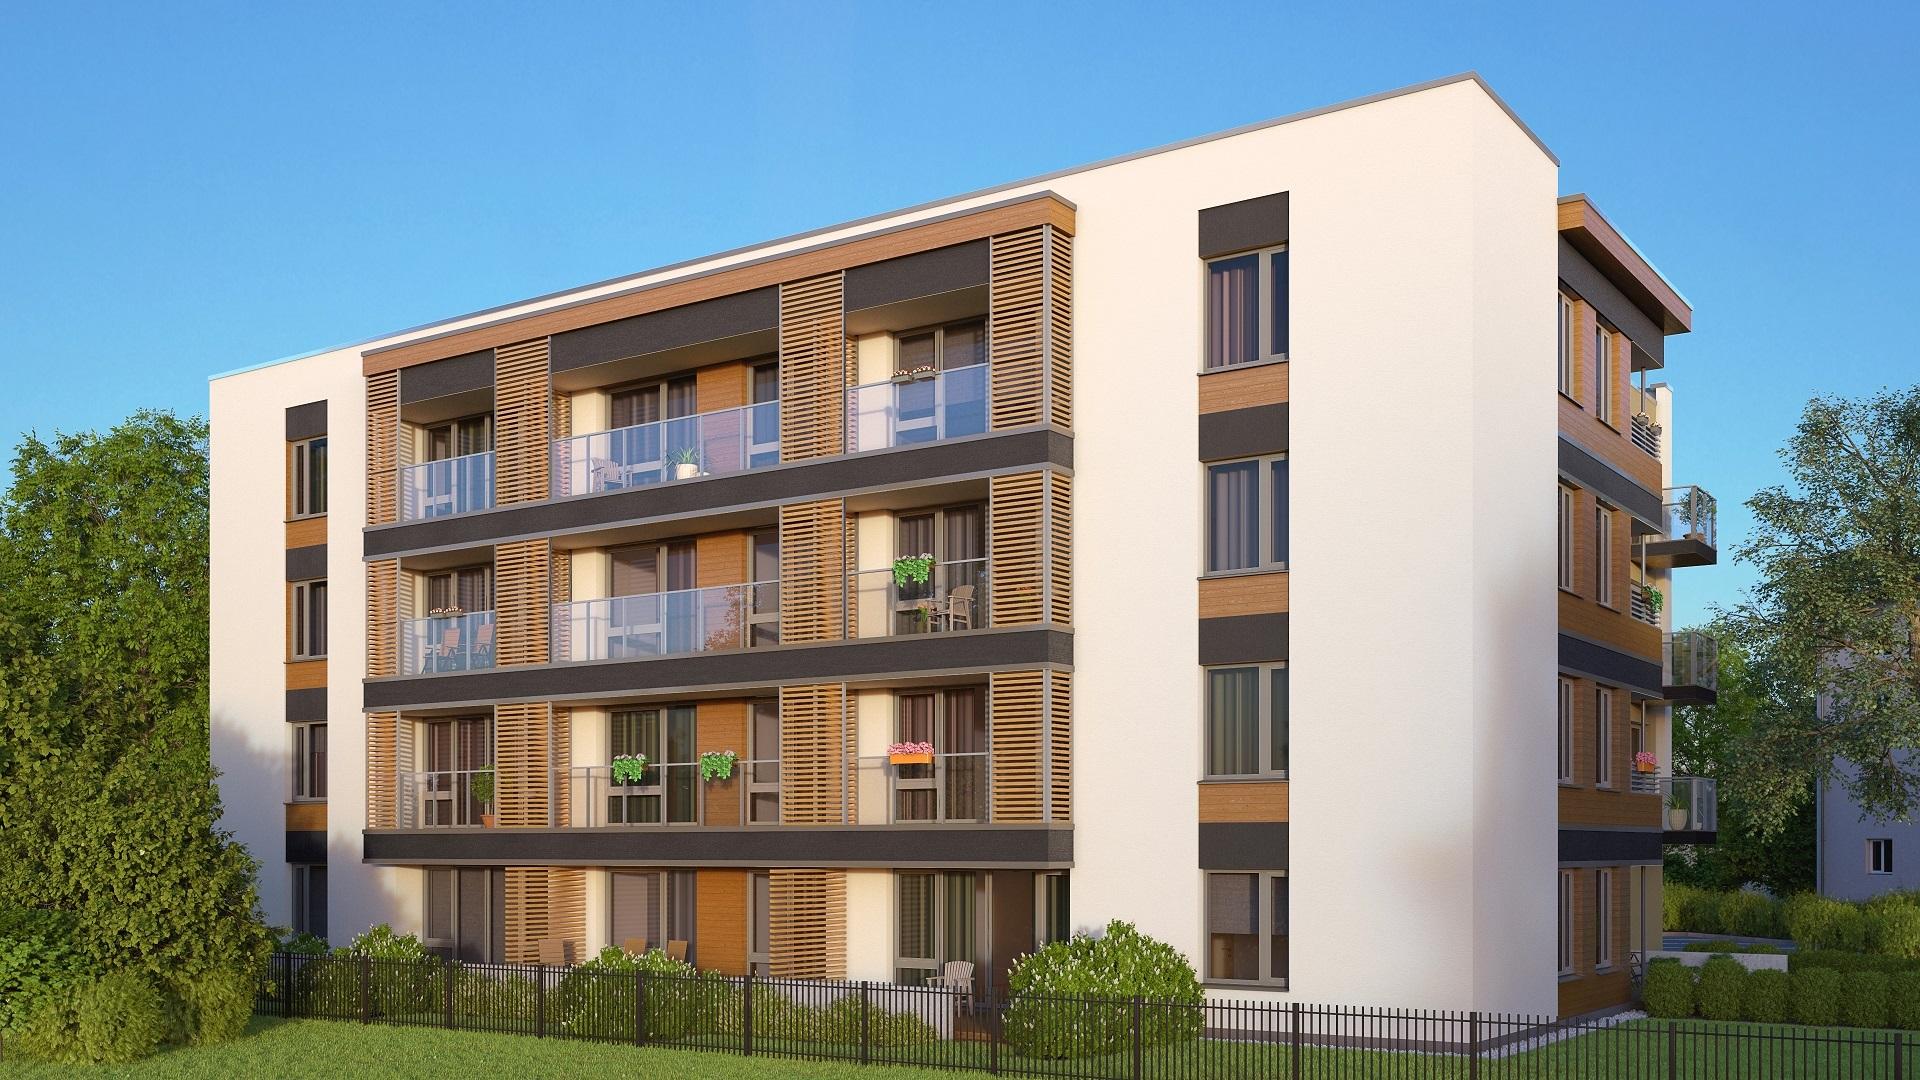 Pressiteade: Uus korterelamu Kristiine linnaosas